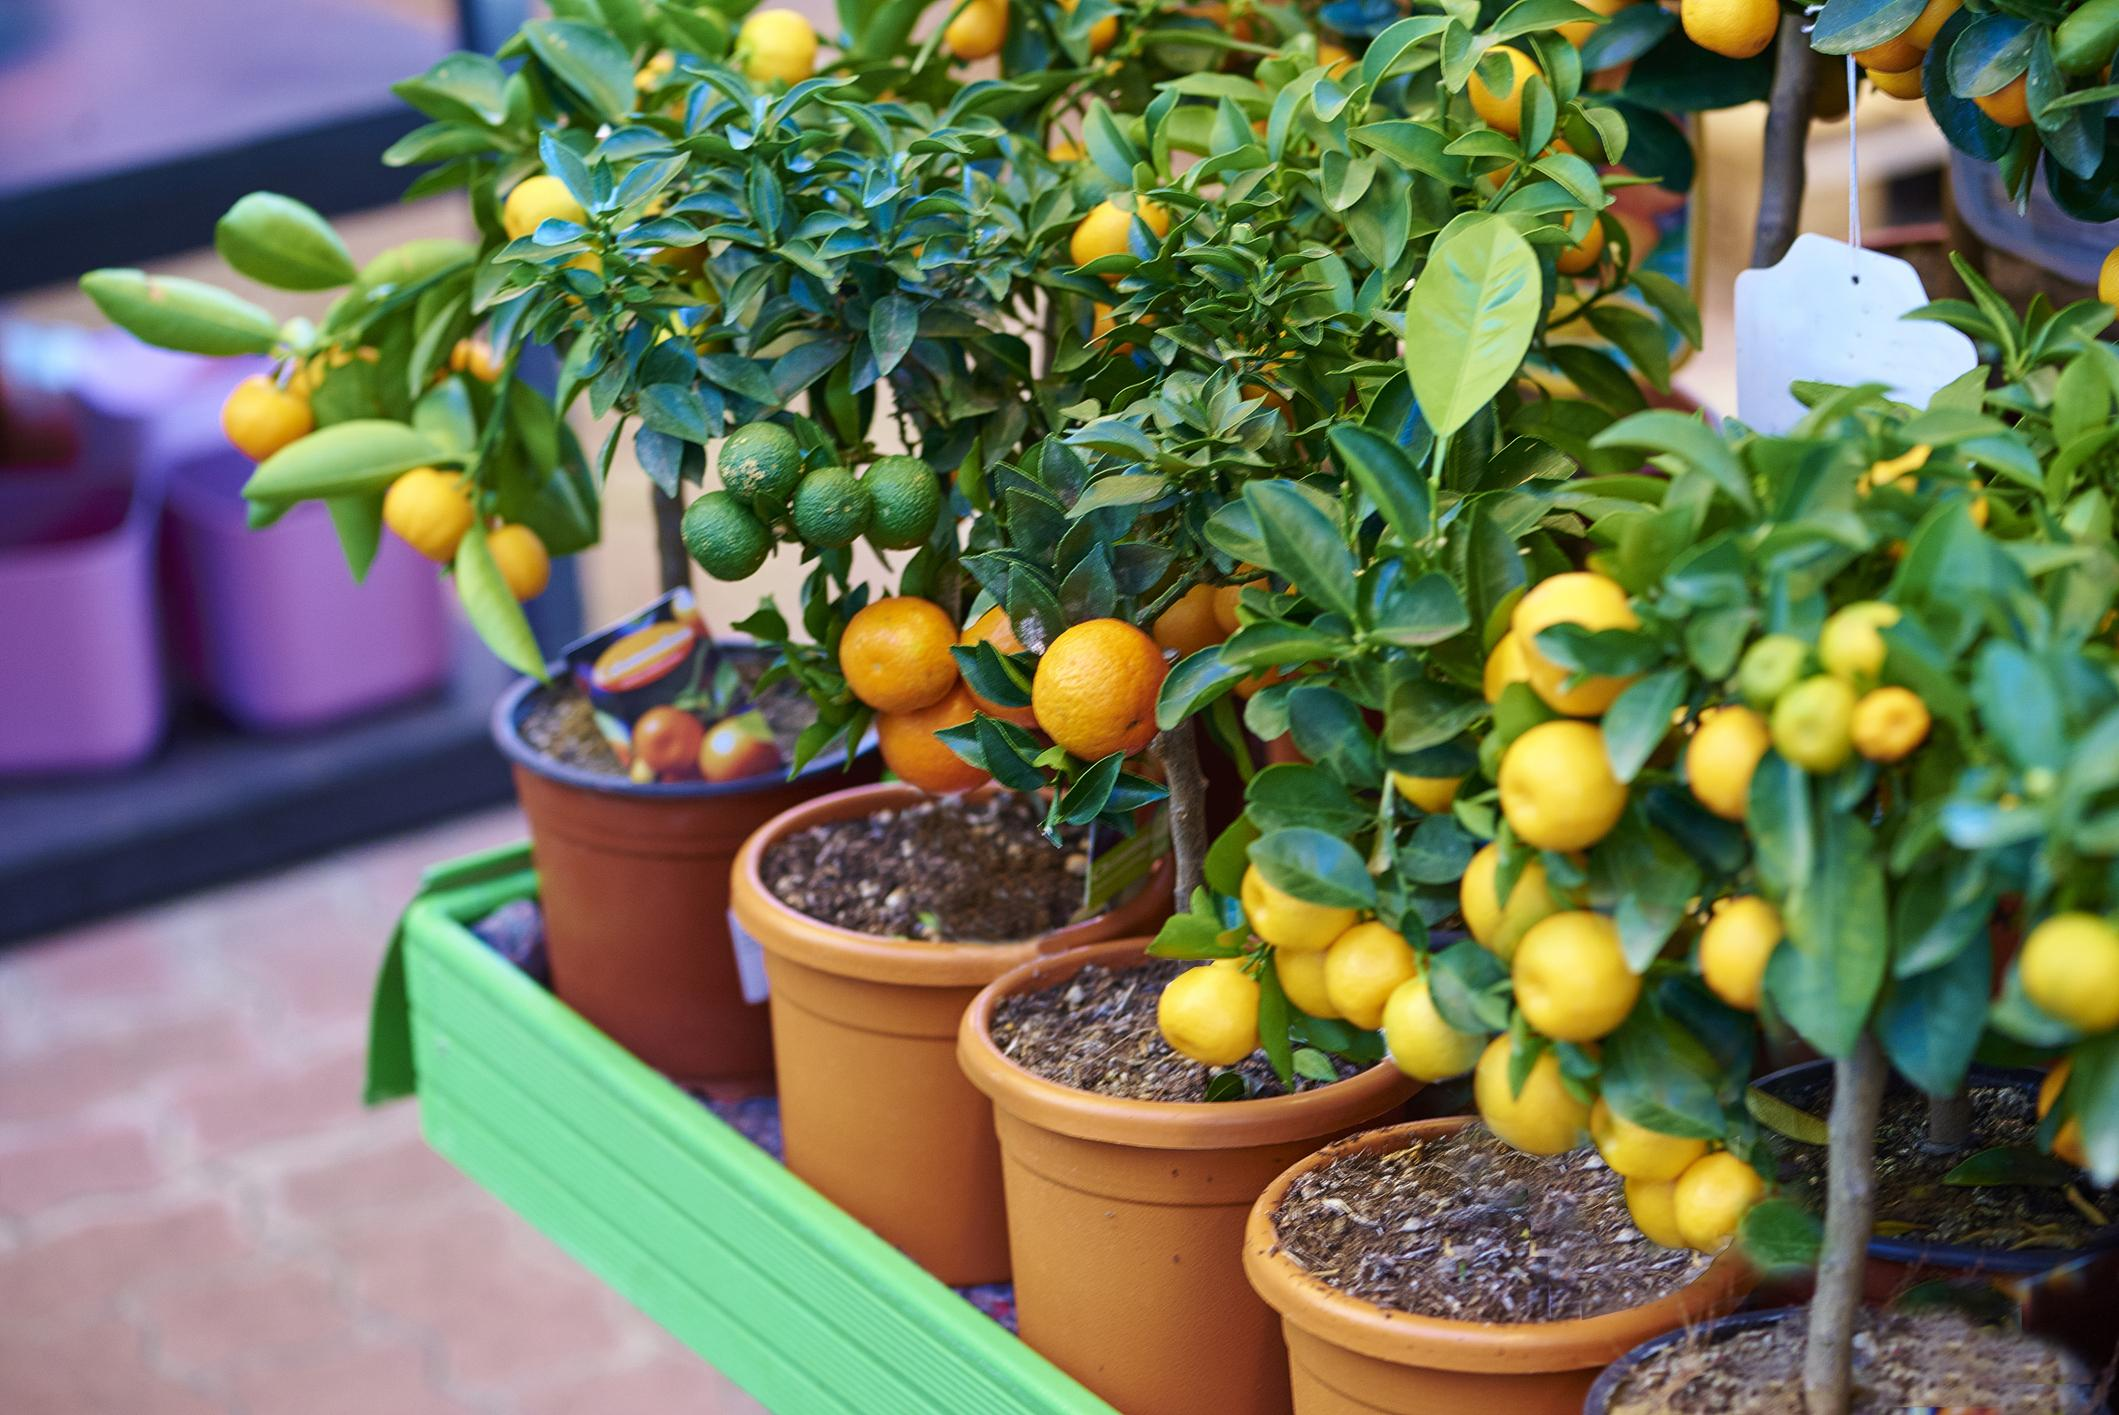 עצי פרי באדנית גינה במרפסת עשו זאת בעצמכם